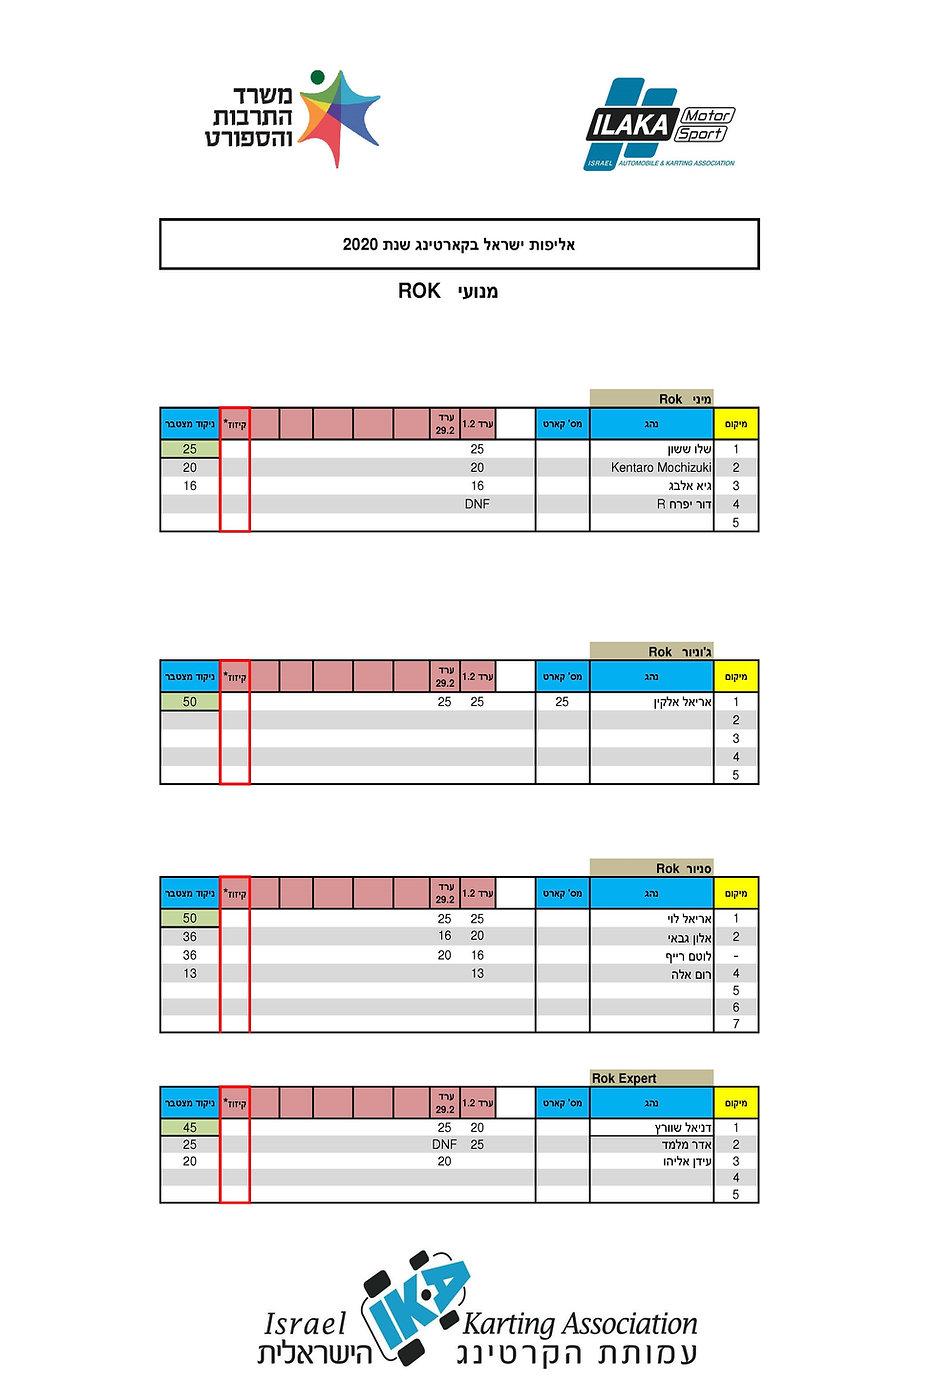 אליפות ישראל בקארטינג 2020